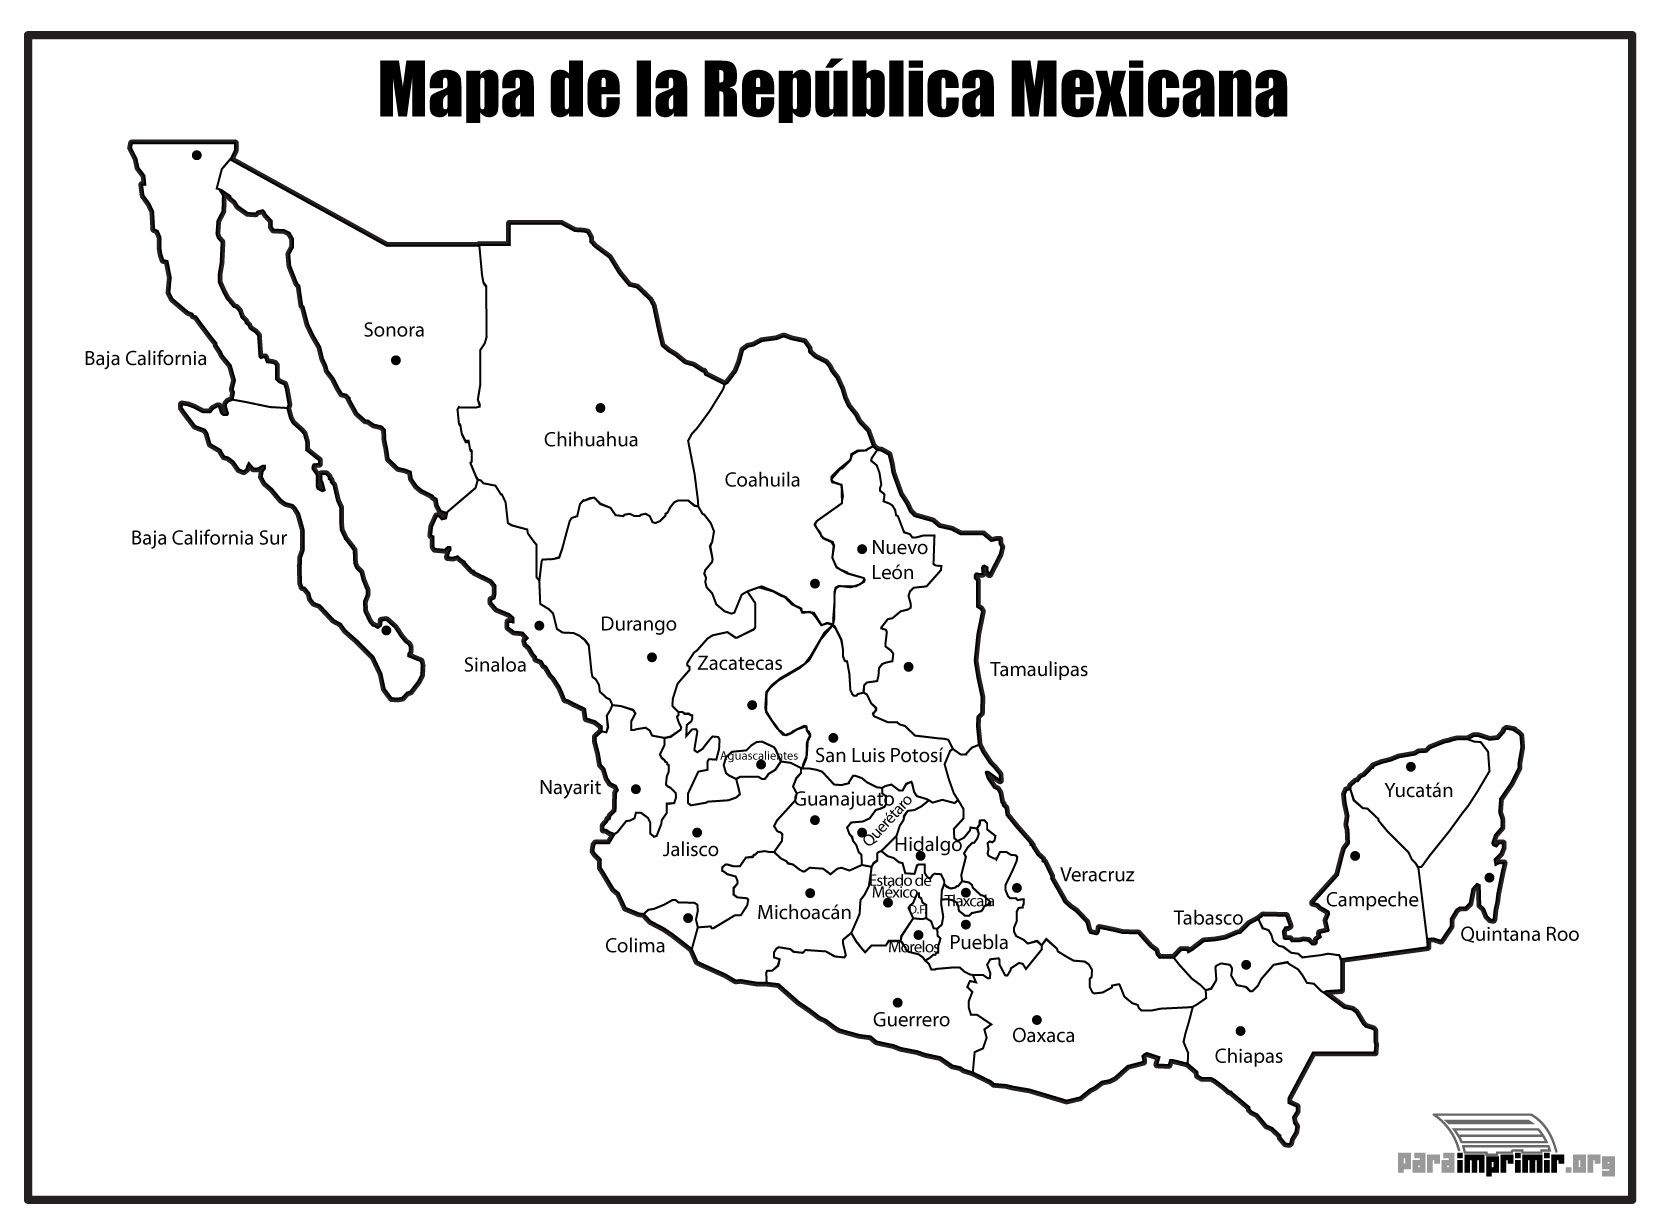 Mapa De La Republica Mexicana Con Nombres Para Imprimir Jpg 1667 1230 Republica Mexicana Con Nombres Mapa De Mexico Mapa Mexico Con Nombres